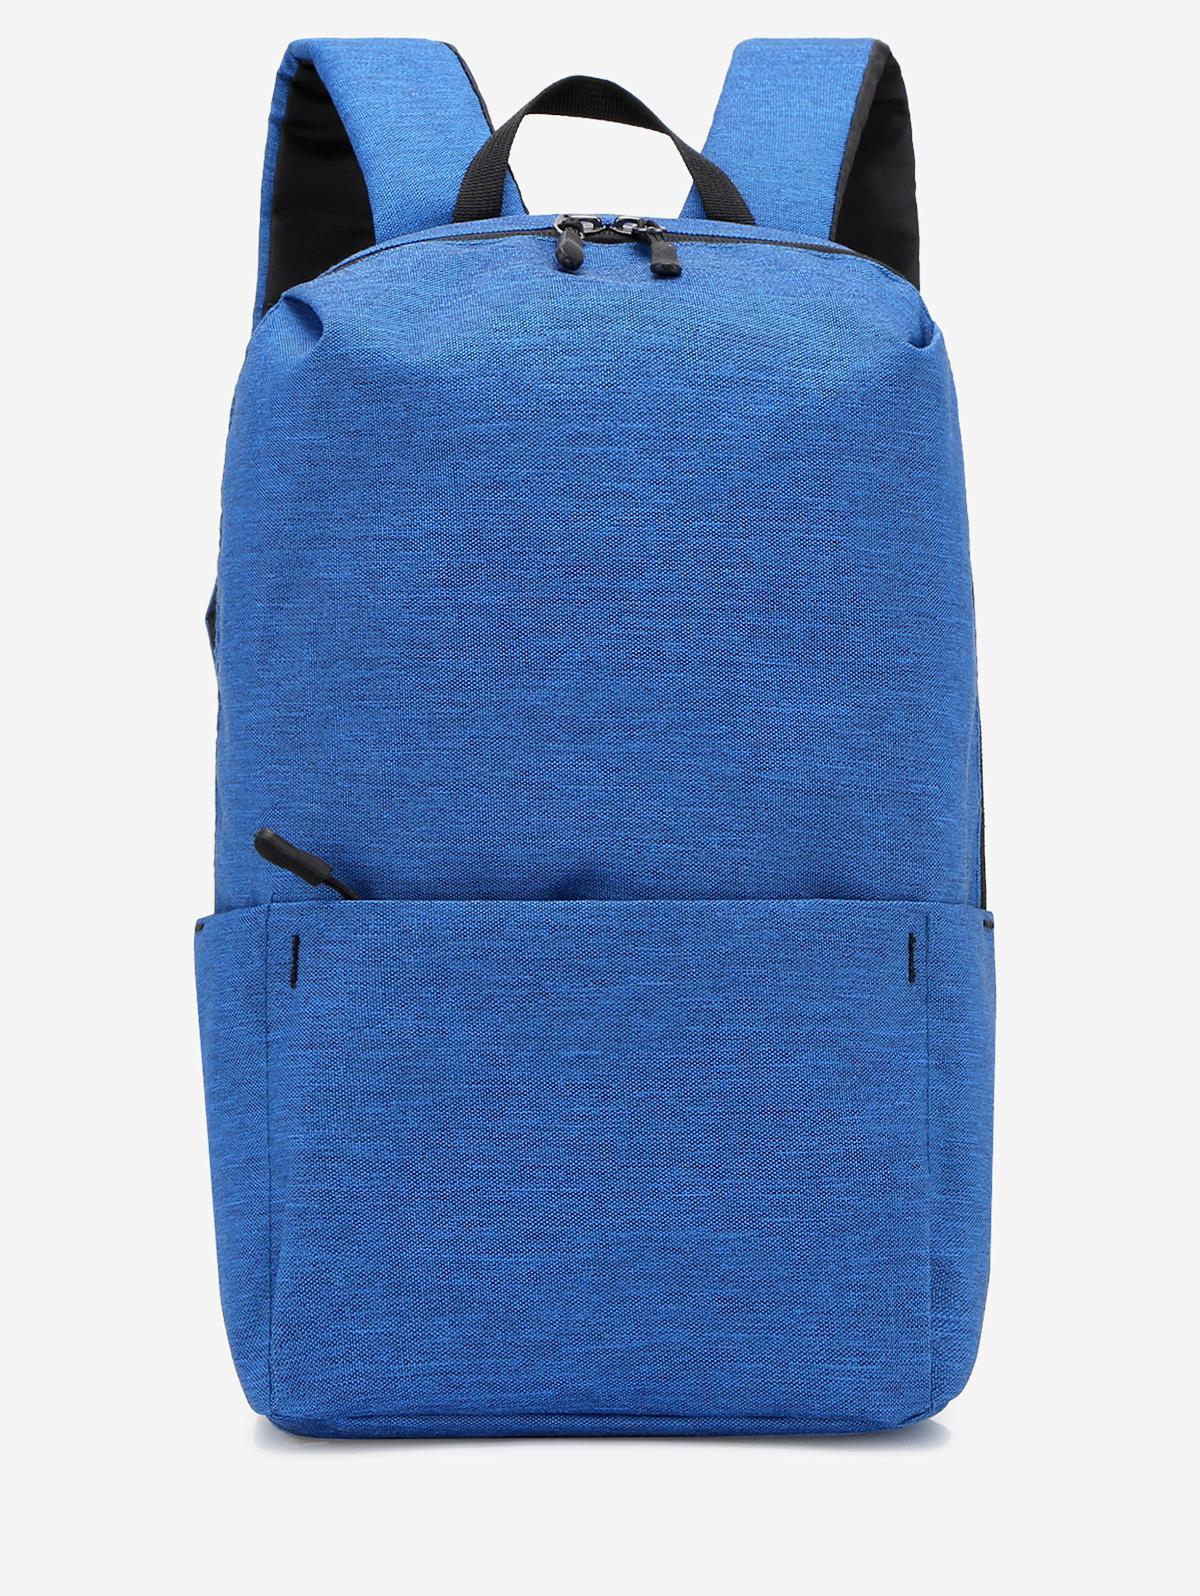 Plain Lightweight Nylon Travel Backpack